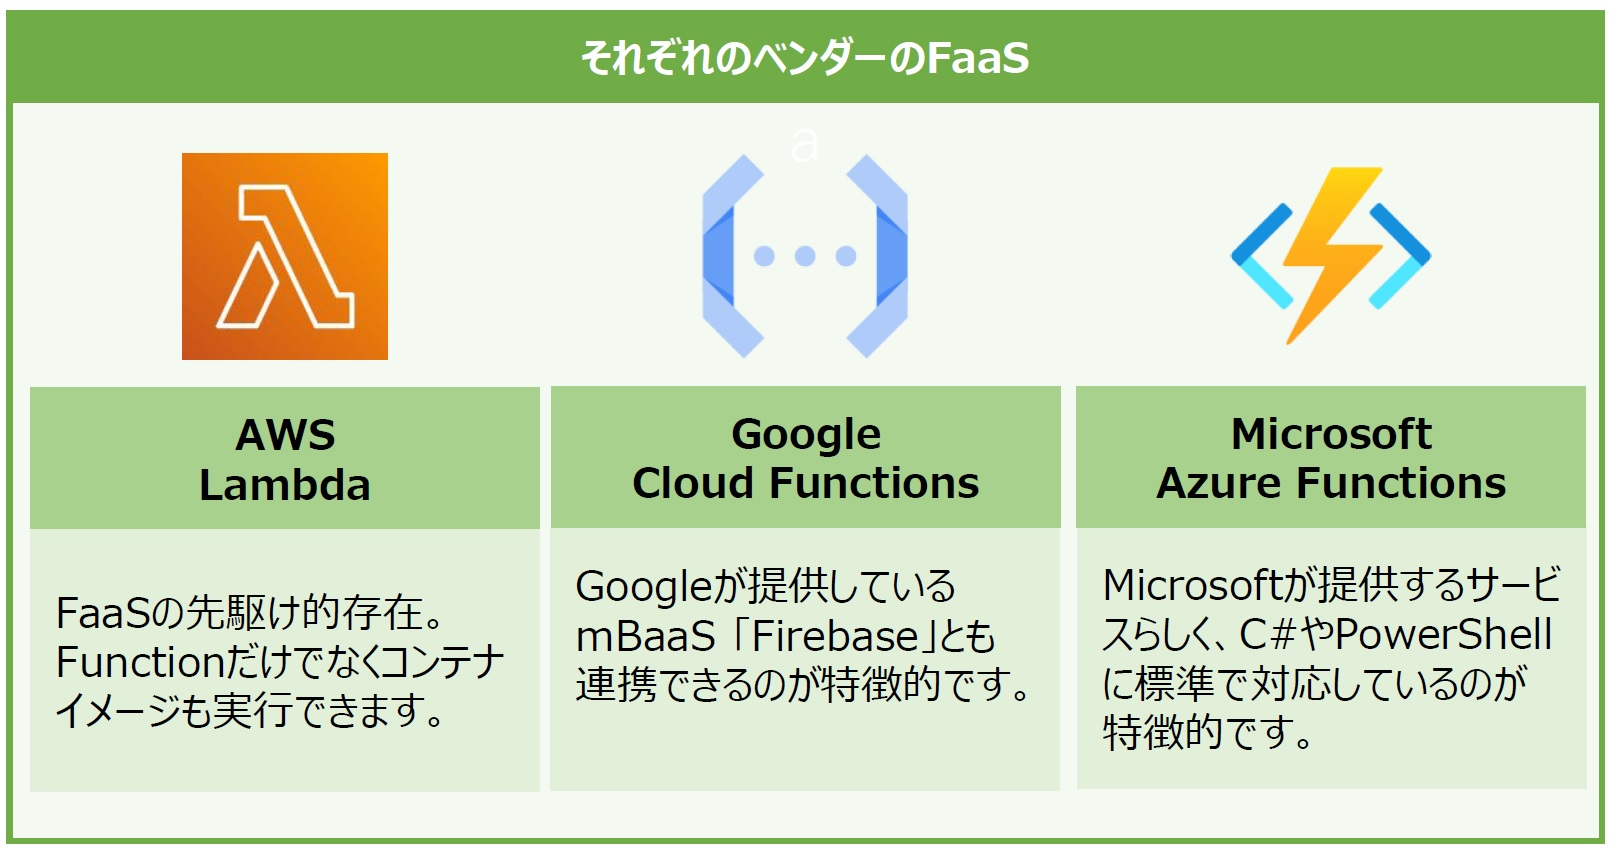 サーバーレスアーキテクチャと FaaS(Function as a Service)